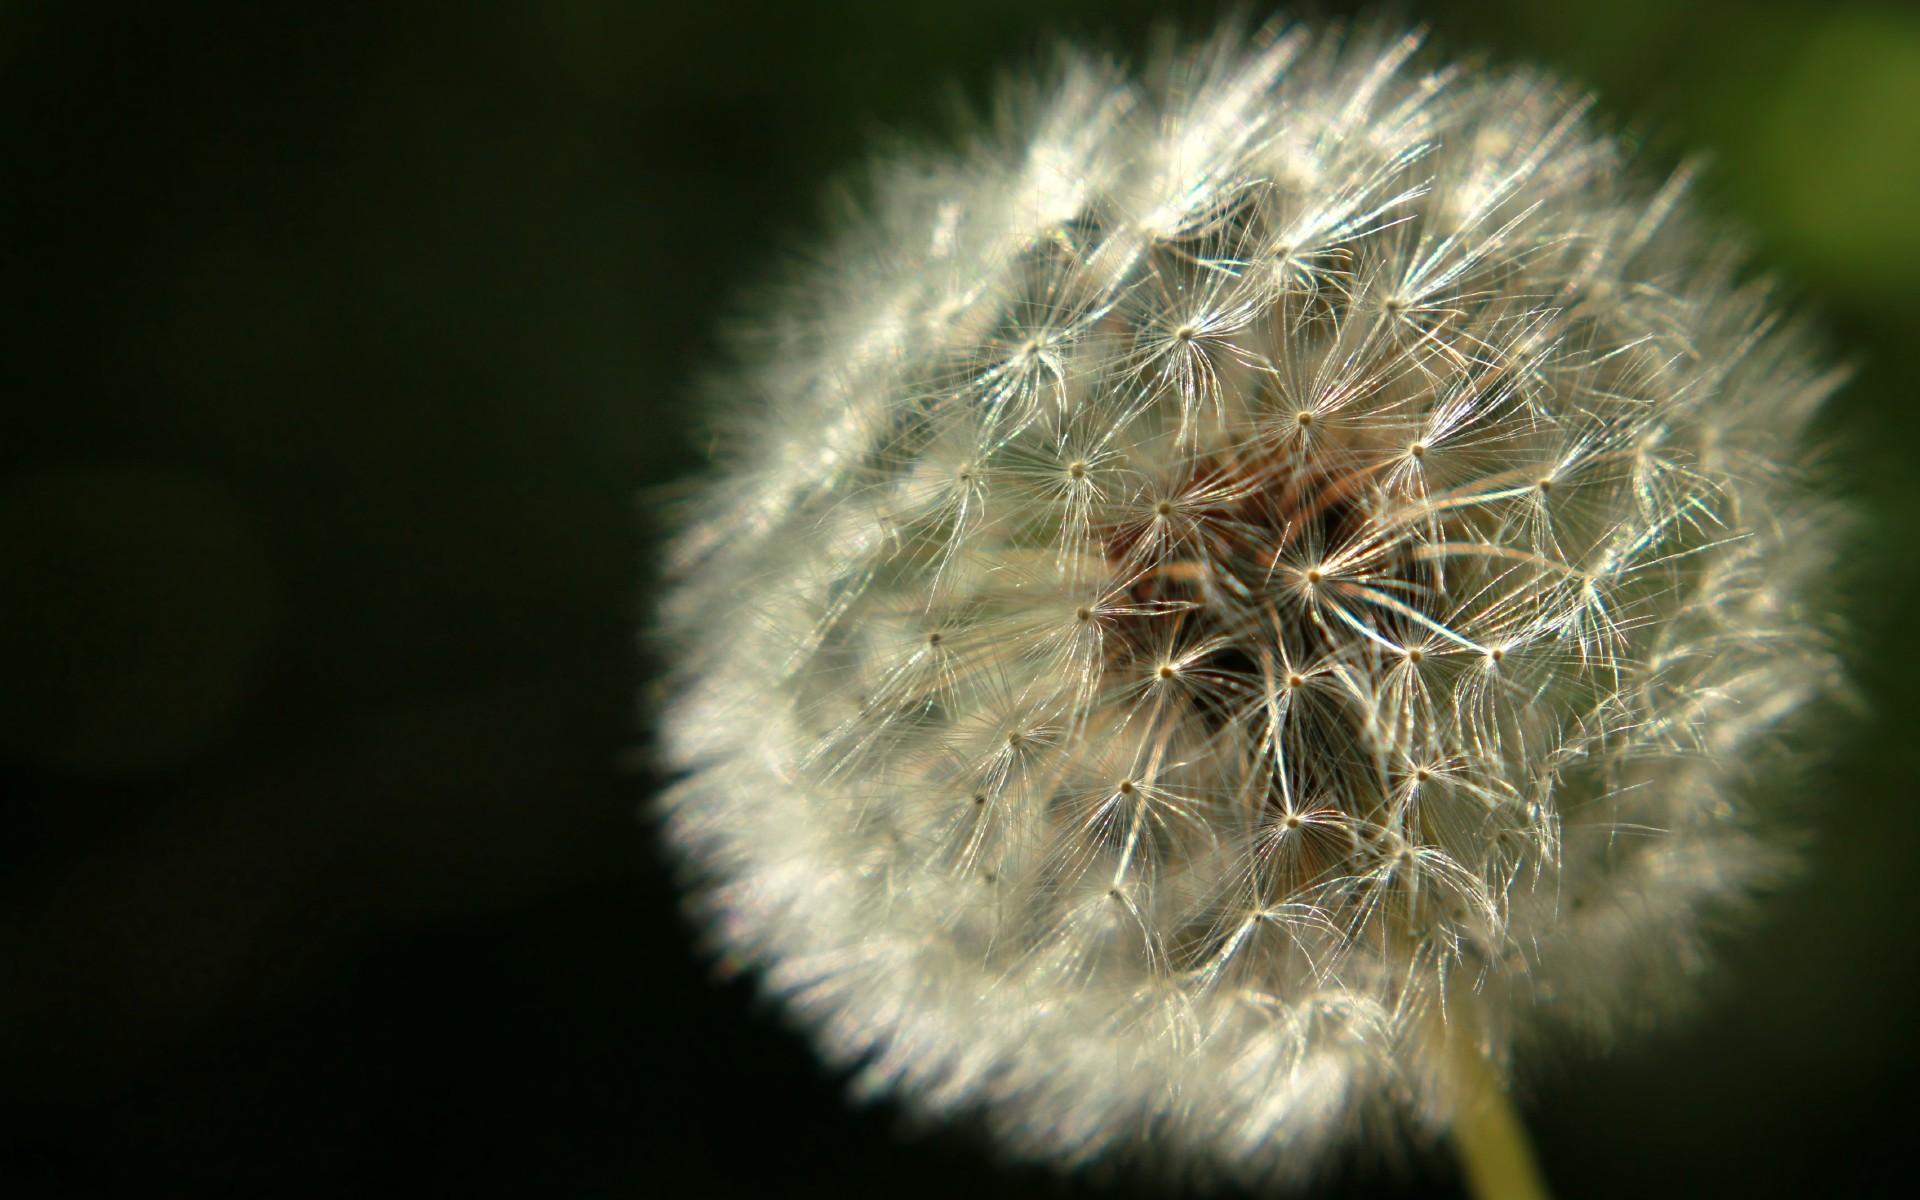 растения похожие на одуванчики фото представляем материал собственного